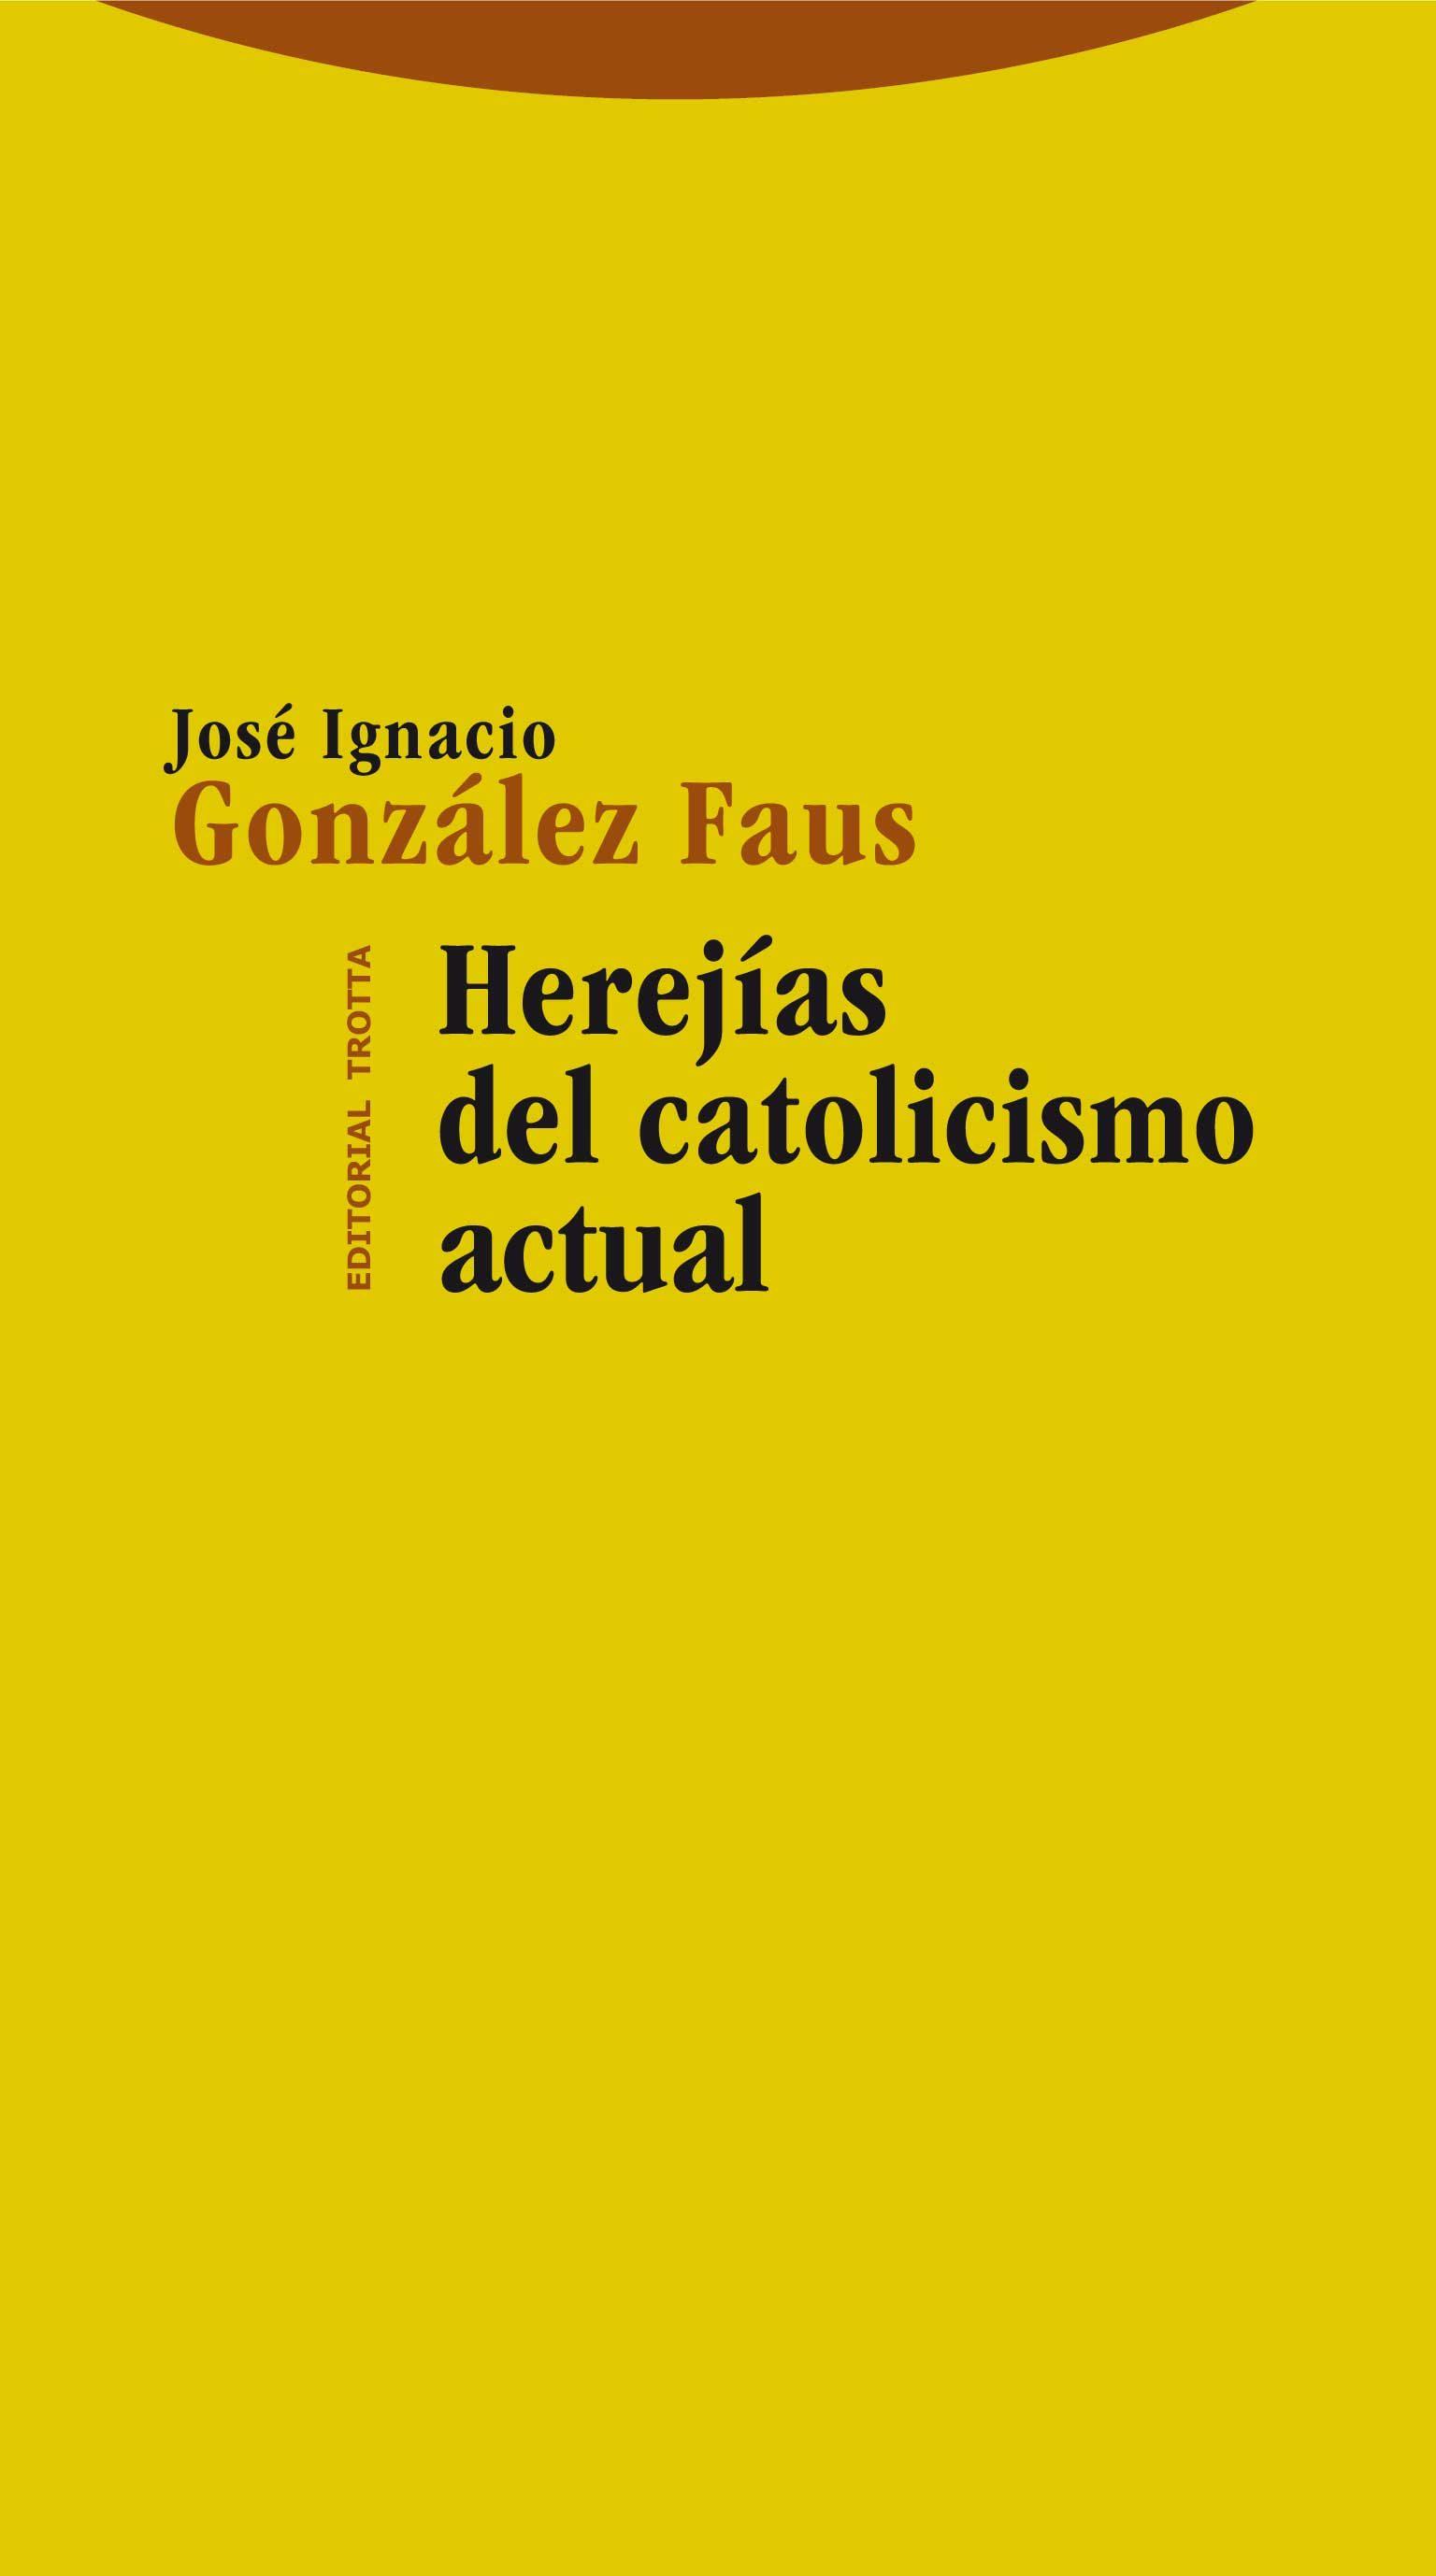 Herejias del catolicismo actual jose ignacio gonzalez faus 9788498794236